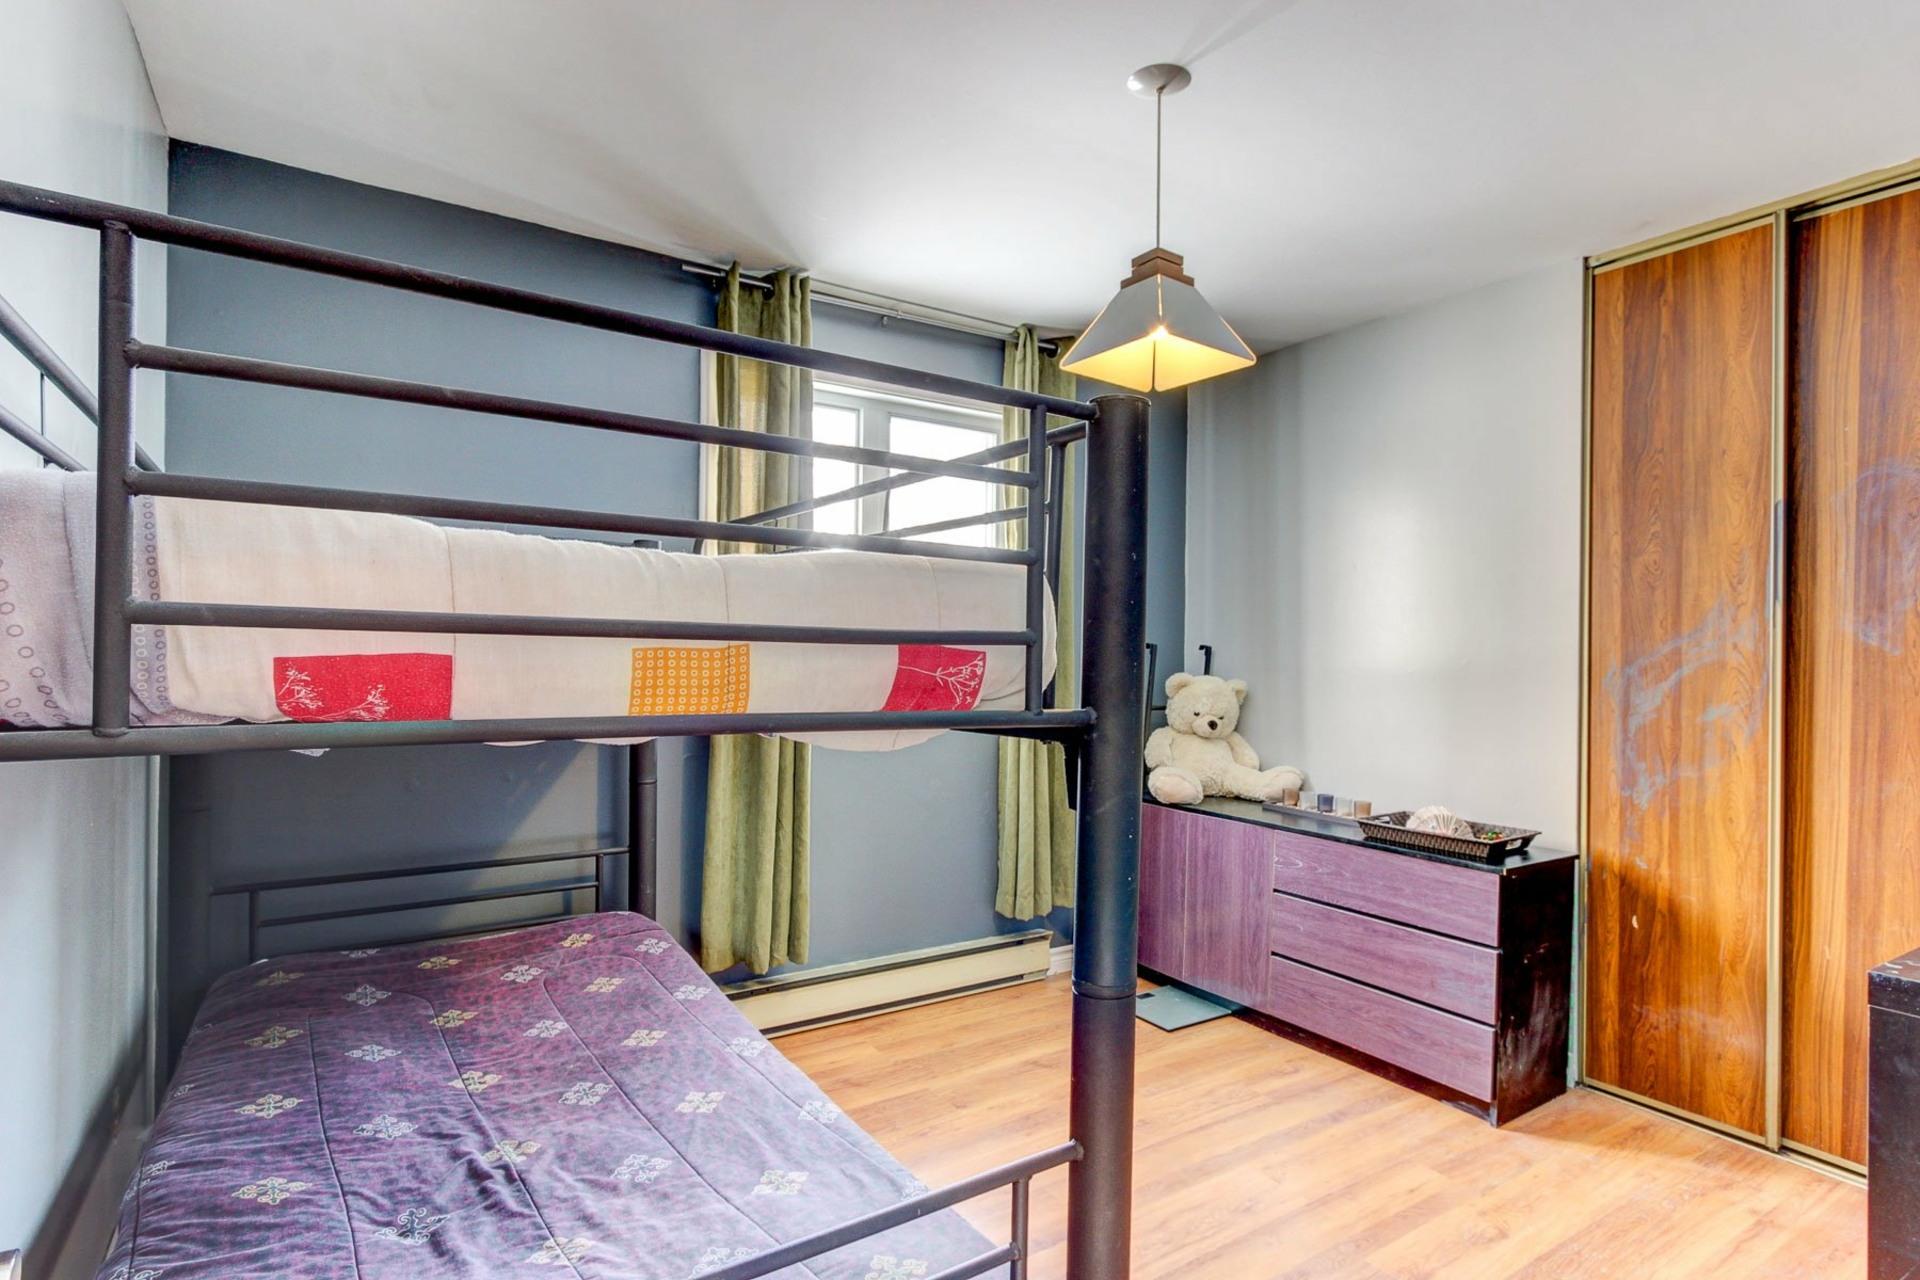 image 10 - Maison À vendre Trois-Rivières - 7 pièces